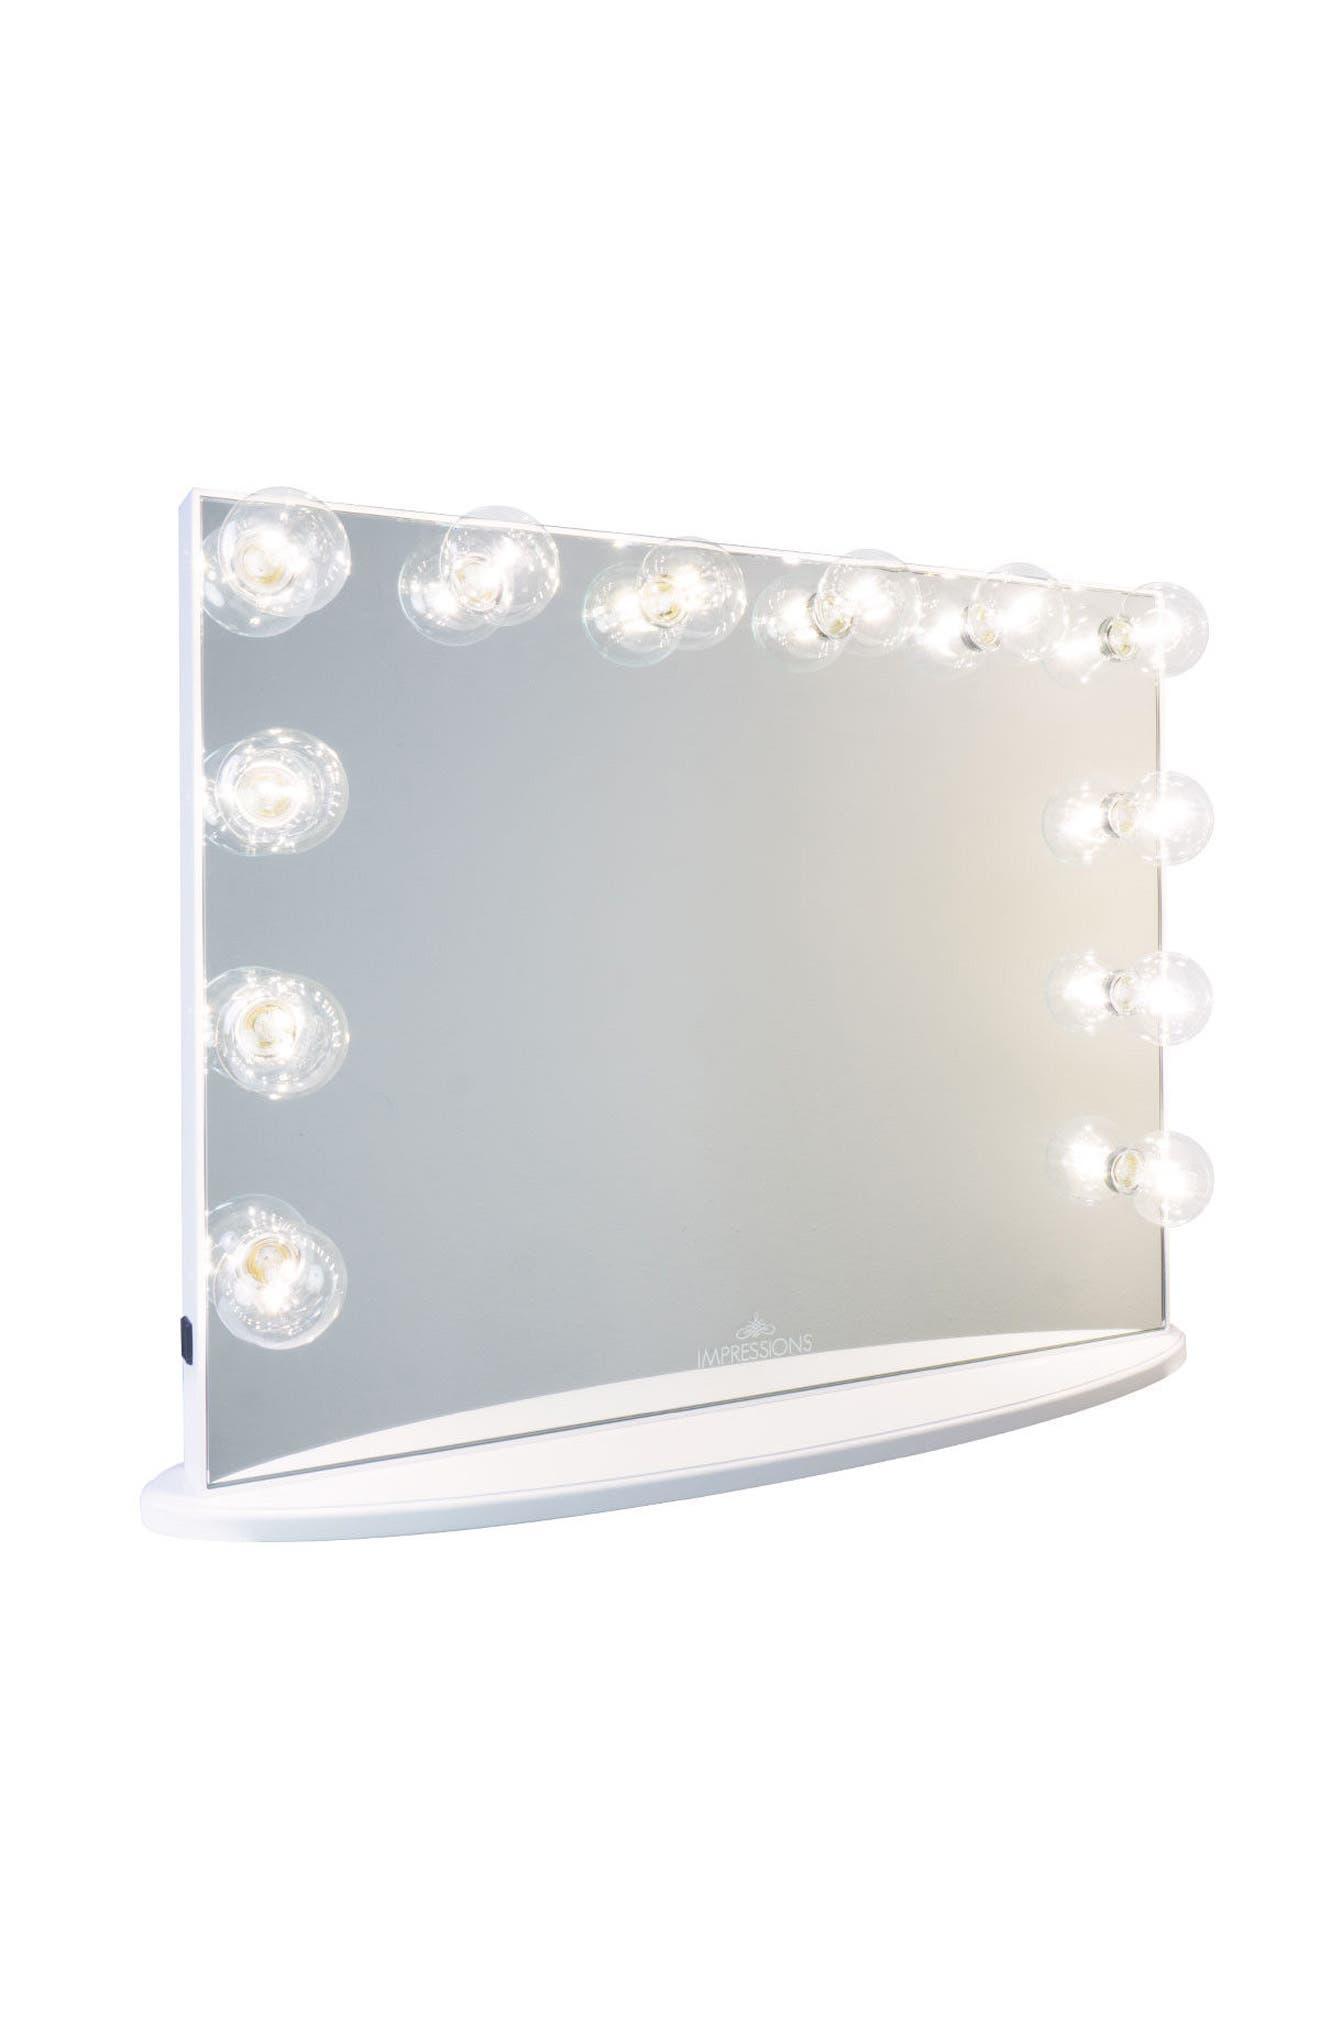 Alternate Image 1 Selected - Impressions Vanity Co. Hollywood Glow™ Plus Vanity Mirror